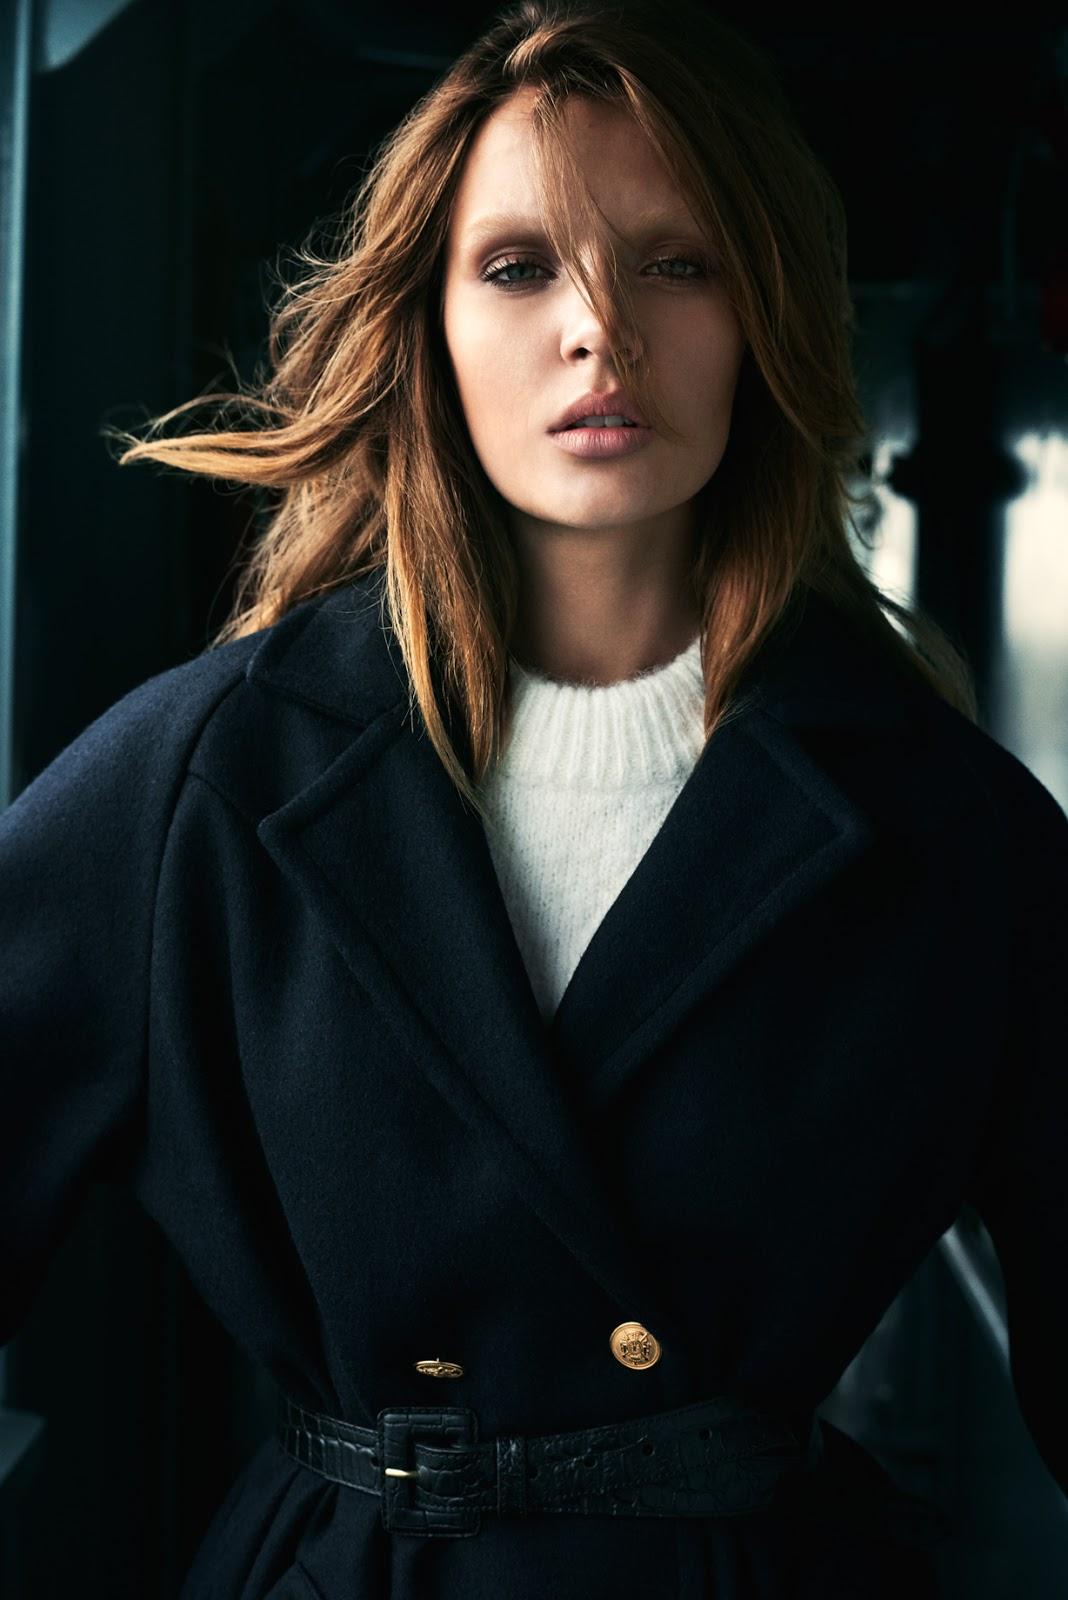 Elle Denmark October 2015 (photography: Henrik Bulow, styling: Kathrine Agger, model: Josephine Skriver)